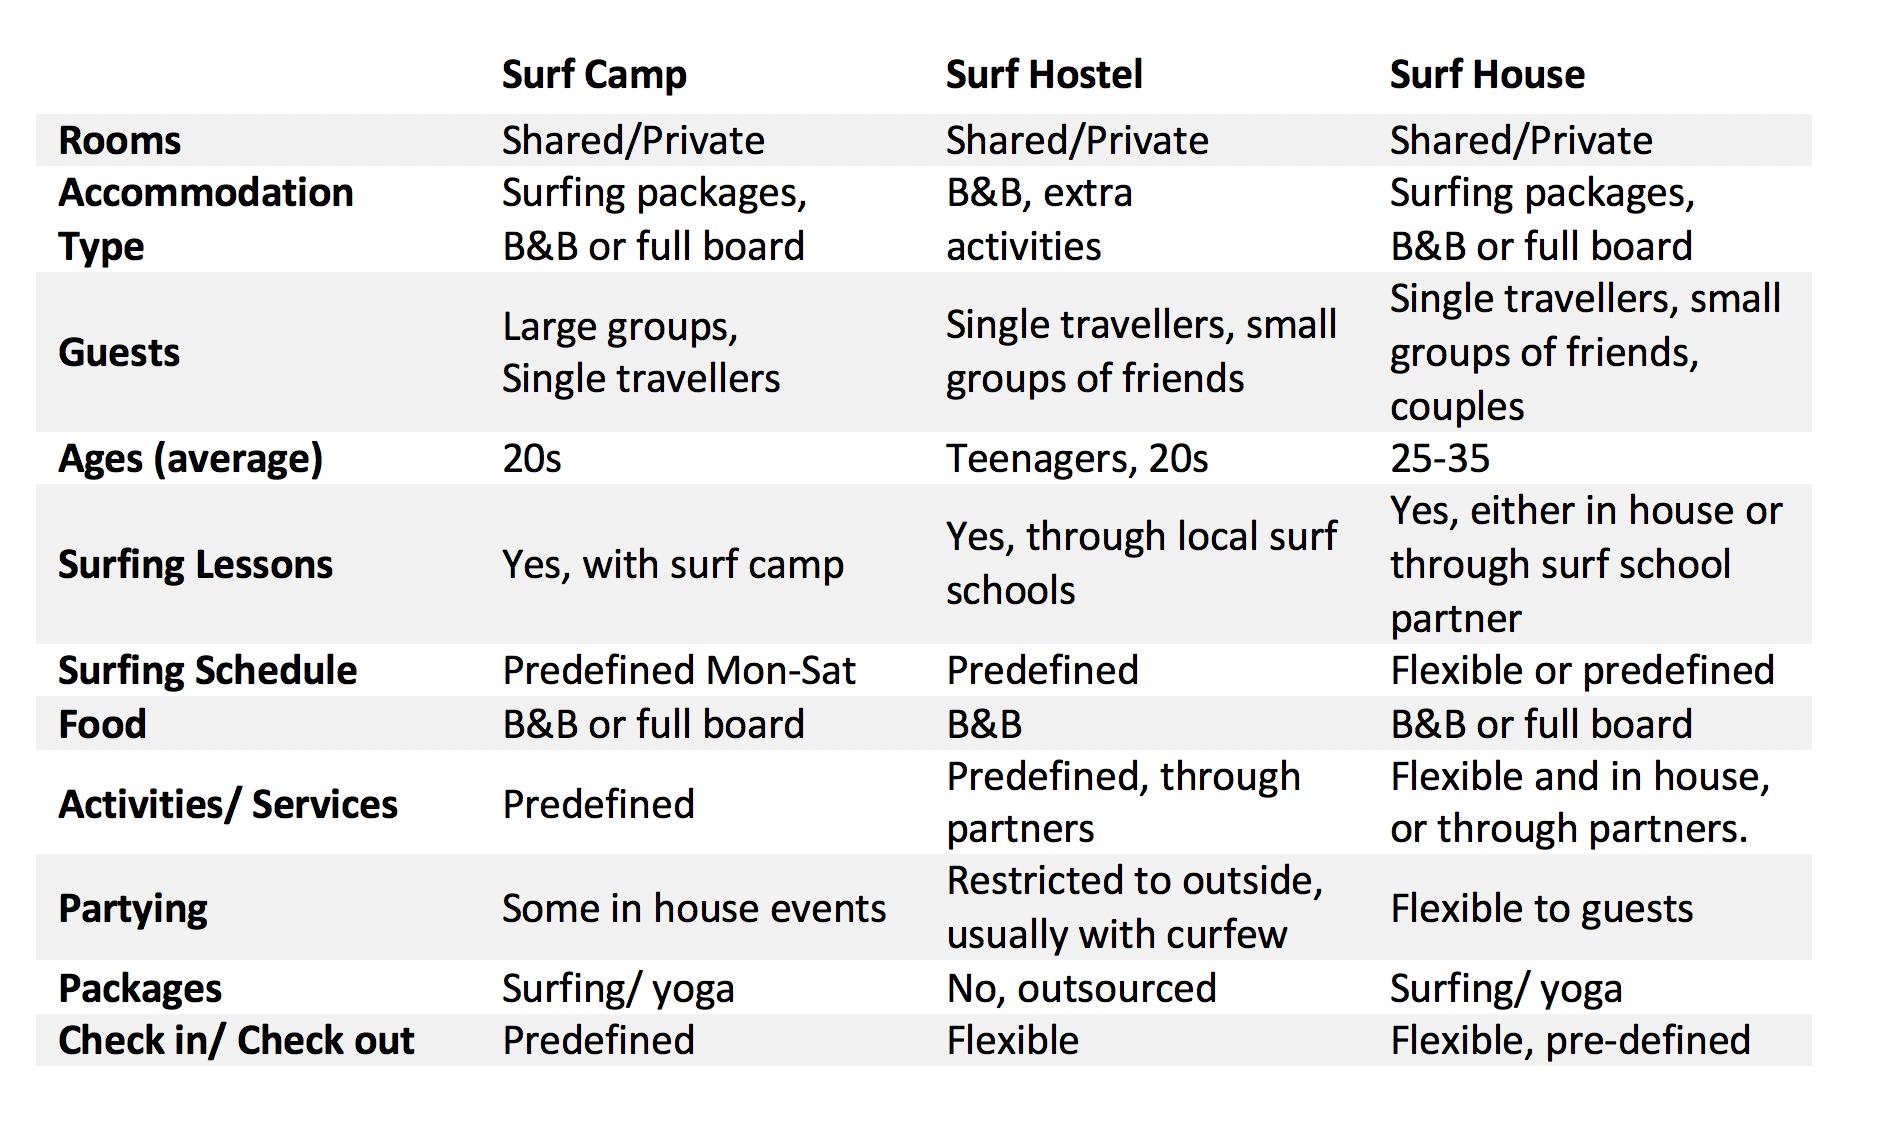 Surfhouse-surfcamp-surfhostel